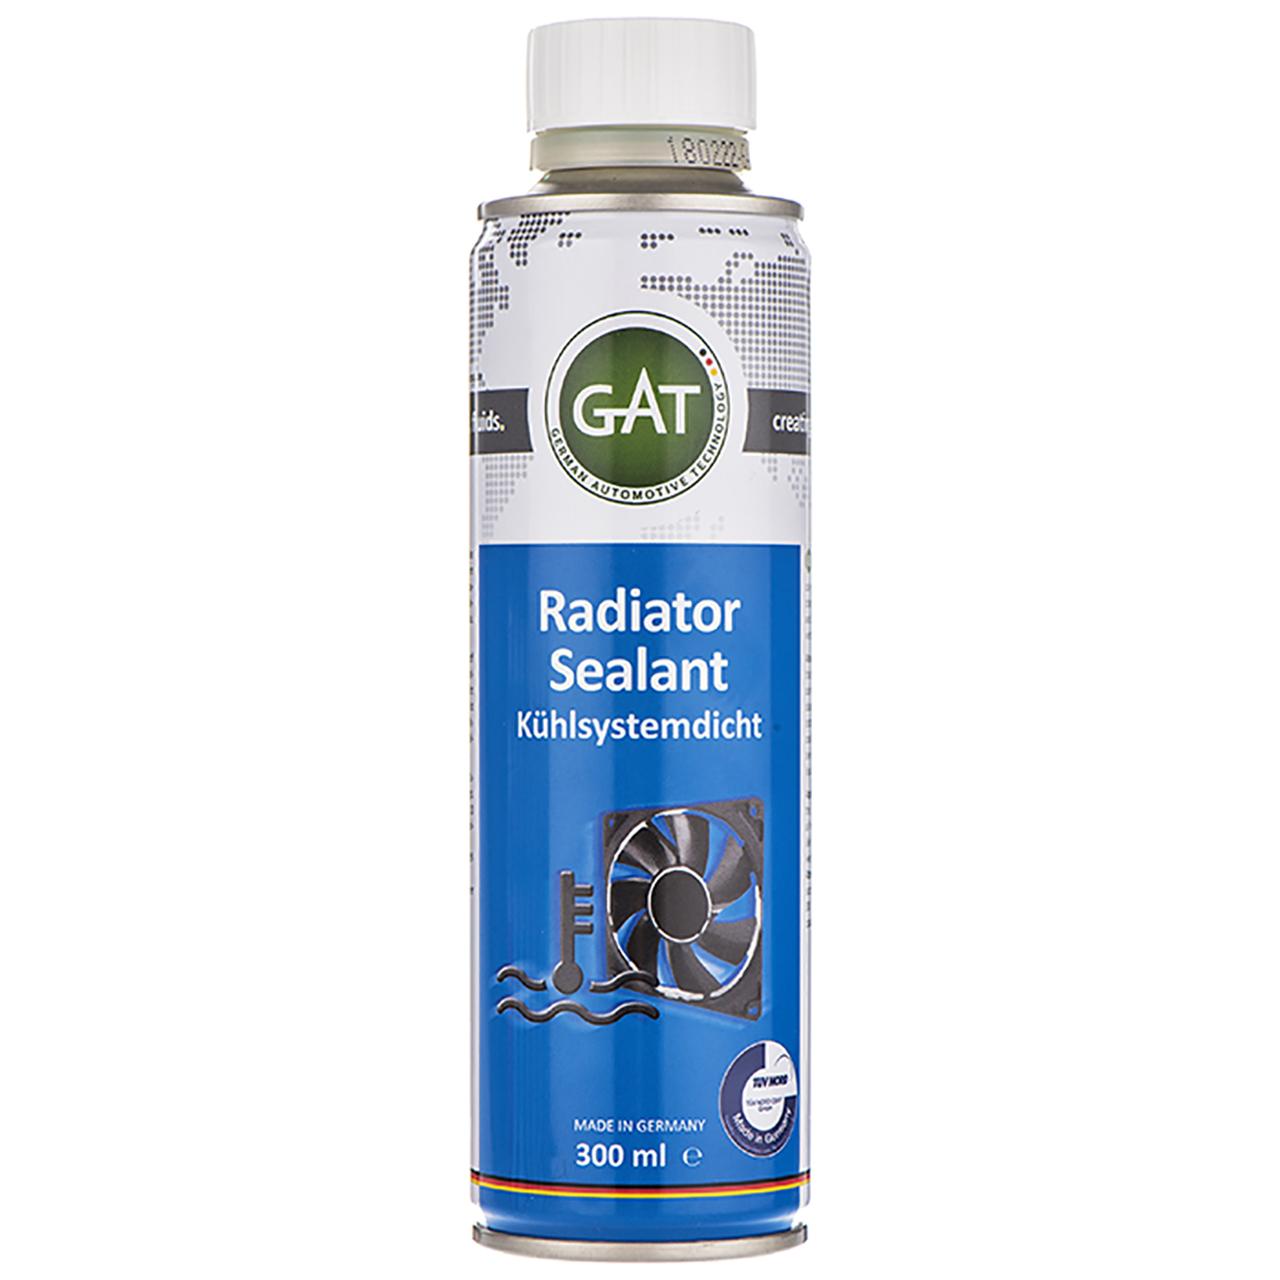 محلول نشتگیر رادیاتور خودرو گات مدل Radiator Sealant-62011 حجم 300 میلی لیتر